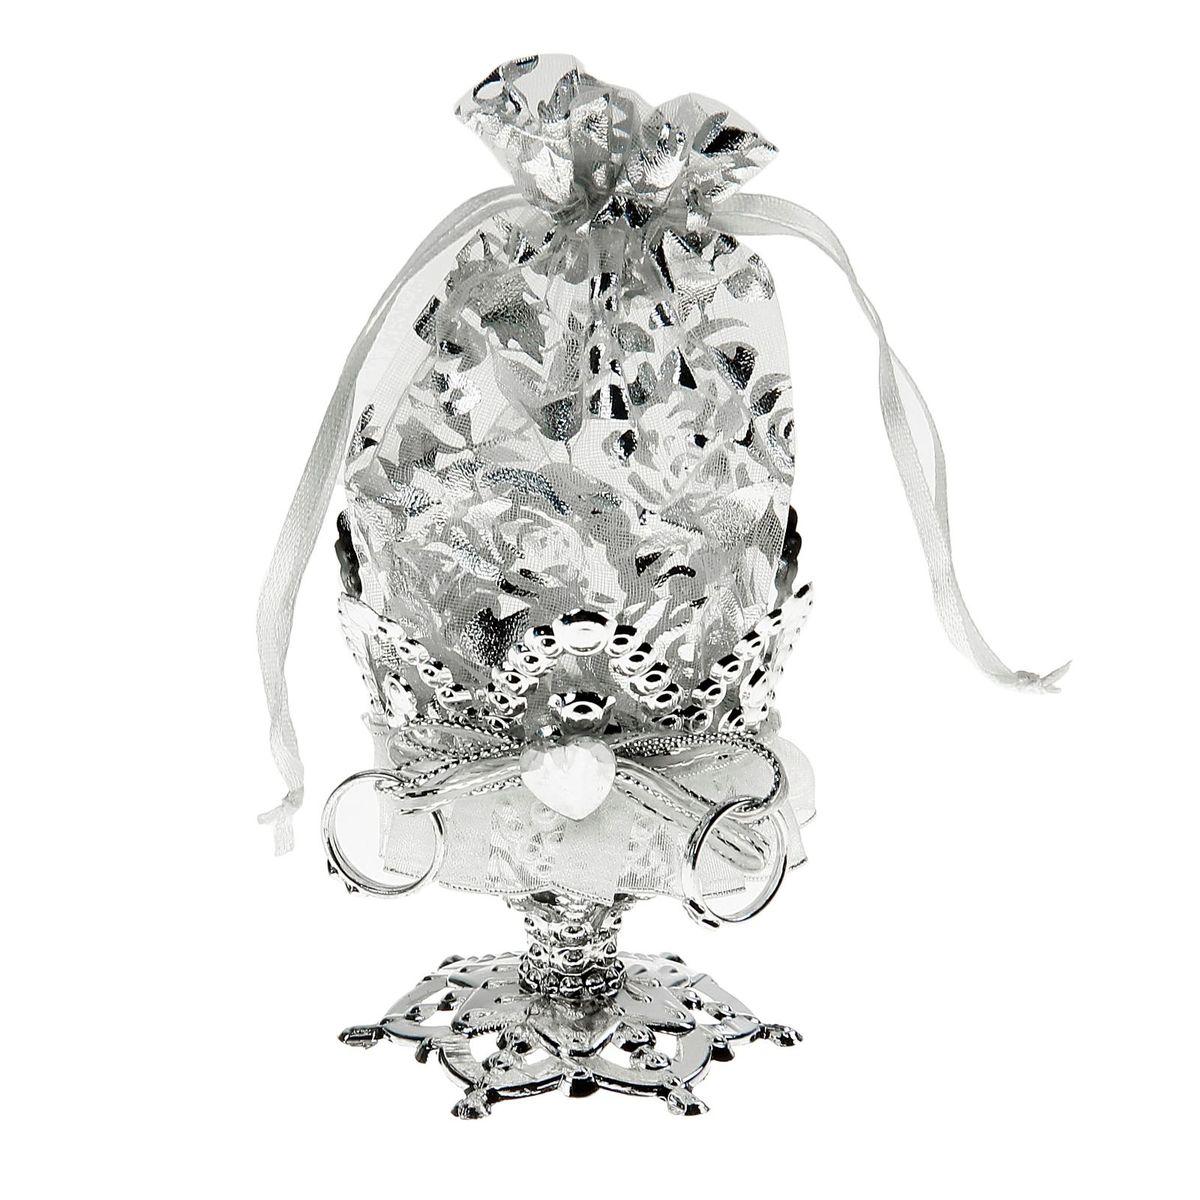 Бонбоньерка Sima-land Сердечки, цвет: серебро, 7 x 7 x 14 см1023254Очень красивая традиция современной свадьбы, пришедшая к нам с Запада, — дарить гостям бонбоньерки с угощениями в знак благодарности тому, кто пришел на свадьбу. Как правило, приглашённых угощают миндалём, конфетами или марципанами, но фантазировать можно сколько угодно! Бонбоньерка Сердечки, цвет серебро — это необычная конфетница с эффектным дизайном, куда можно спрятать угощение для дорогих вашему сердцу людей. Она завершит свадебное торжество, и оставит гостей в полном восторге.